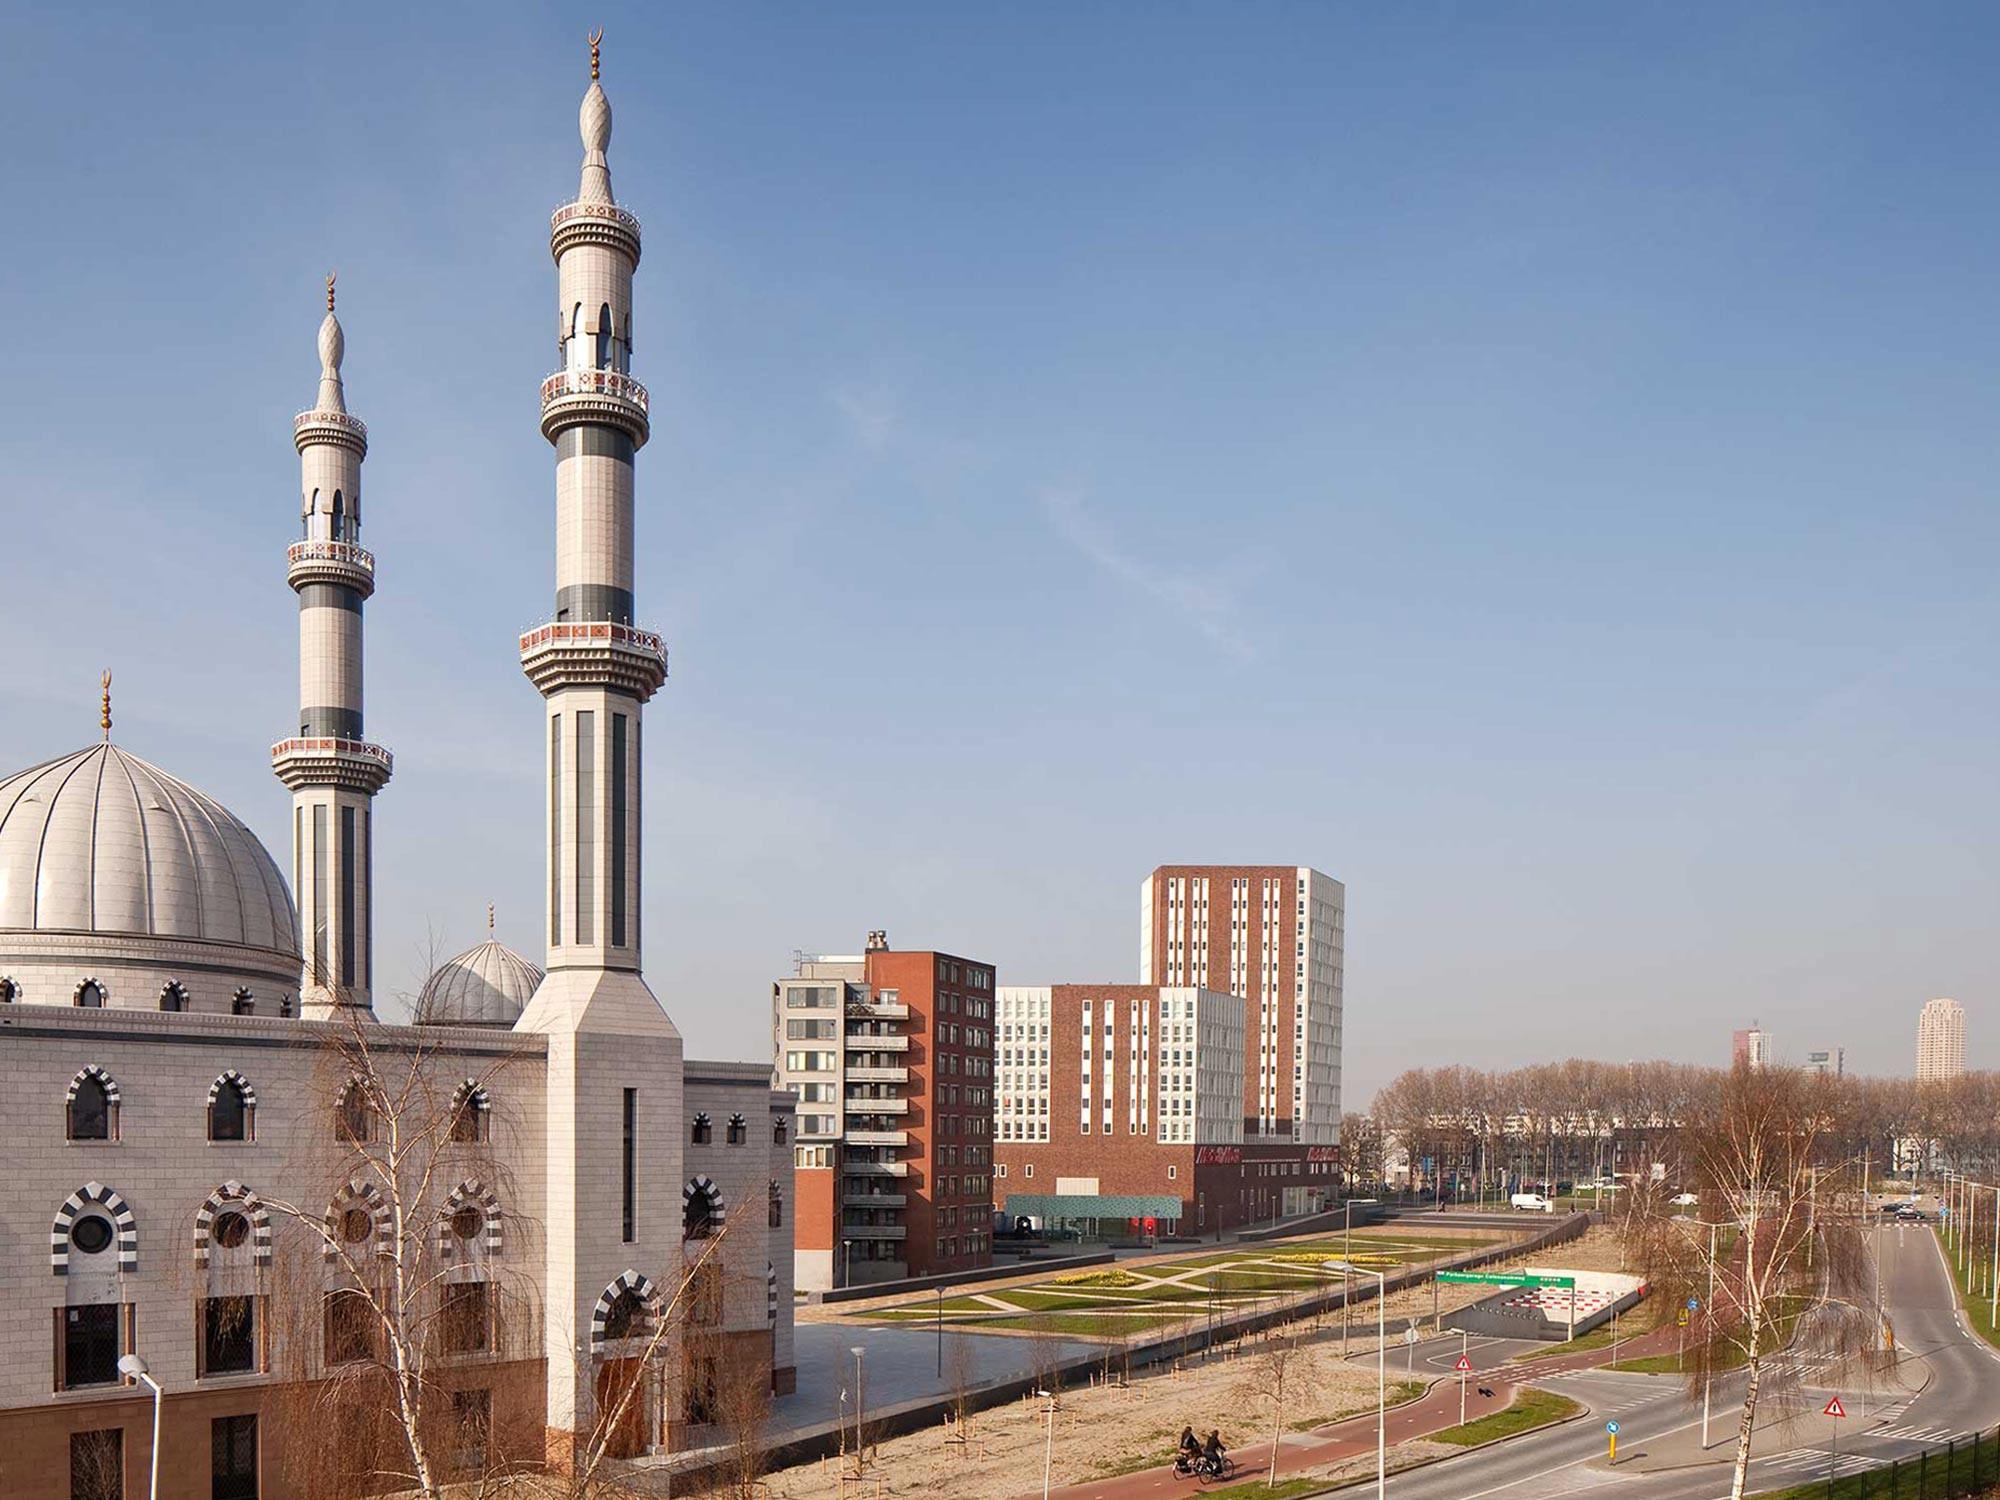 BKT_De_zwarte_hond_havensteder_nieuwbouw_woningbouw_appartementen_mediamarkt_sprangersbouw_overdracht_Rotterdam_Feyenoord_herstructurering_05.jpg